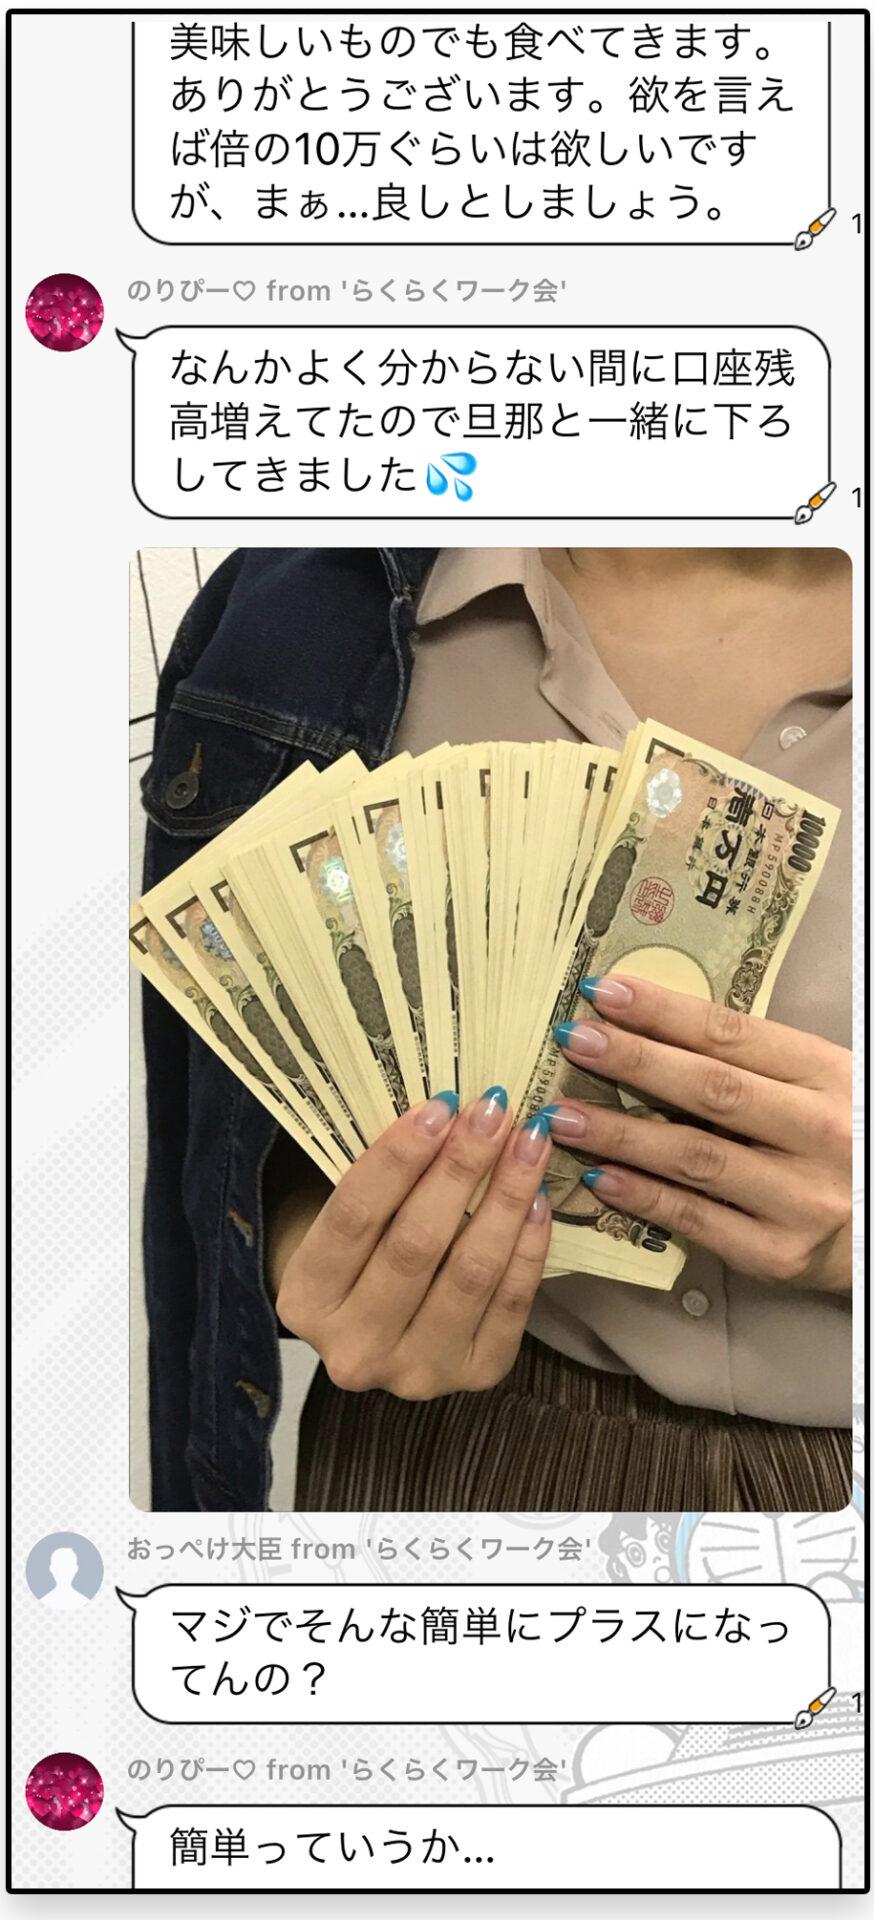 【悪質】ビットは副業詐欺か? LINEアンケートで1日5万円の真相